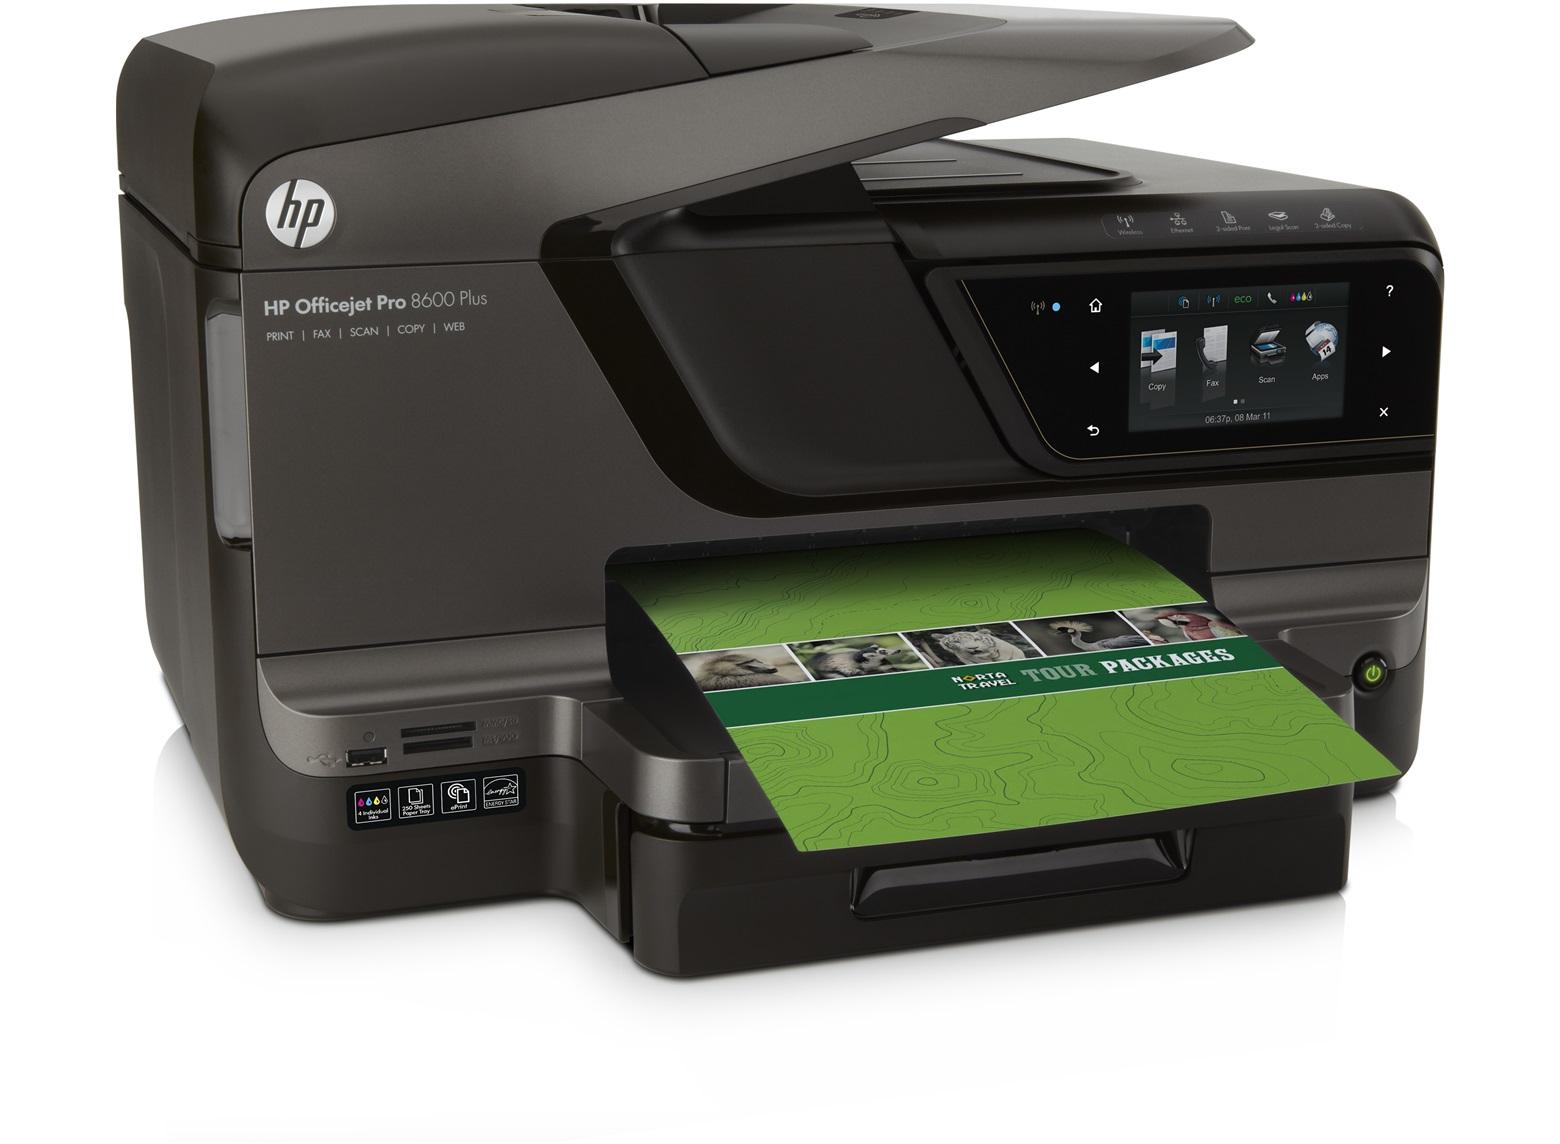 Ventajas del uso de impresoras de tinta en empresas